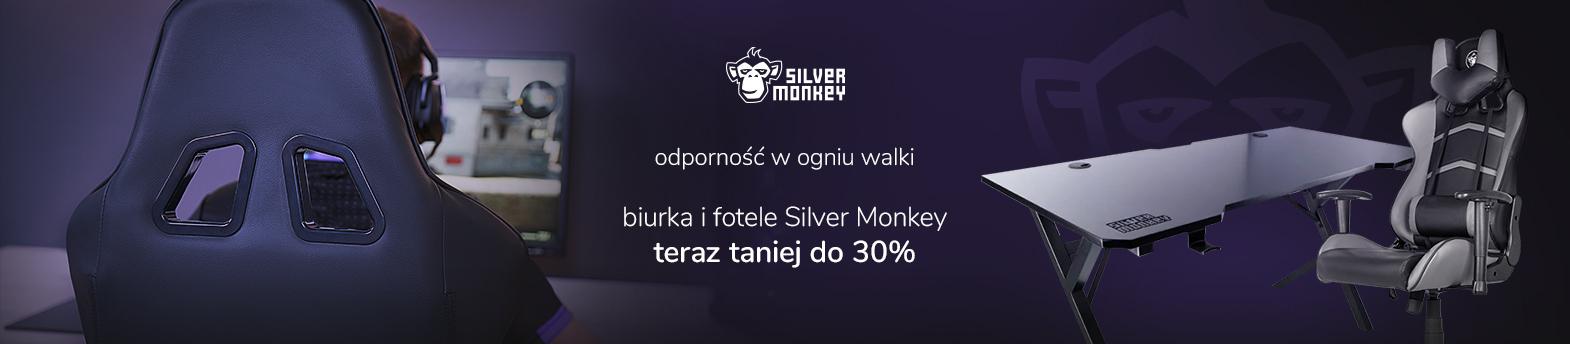 Silver Monkey do 30% taniej